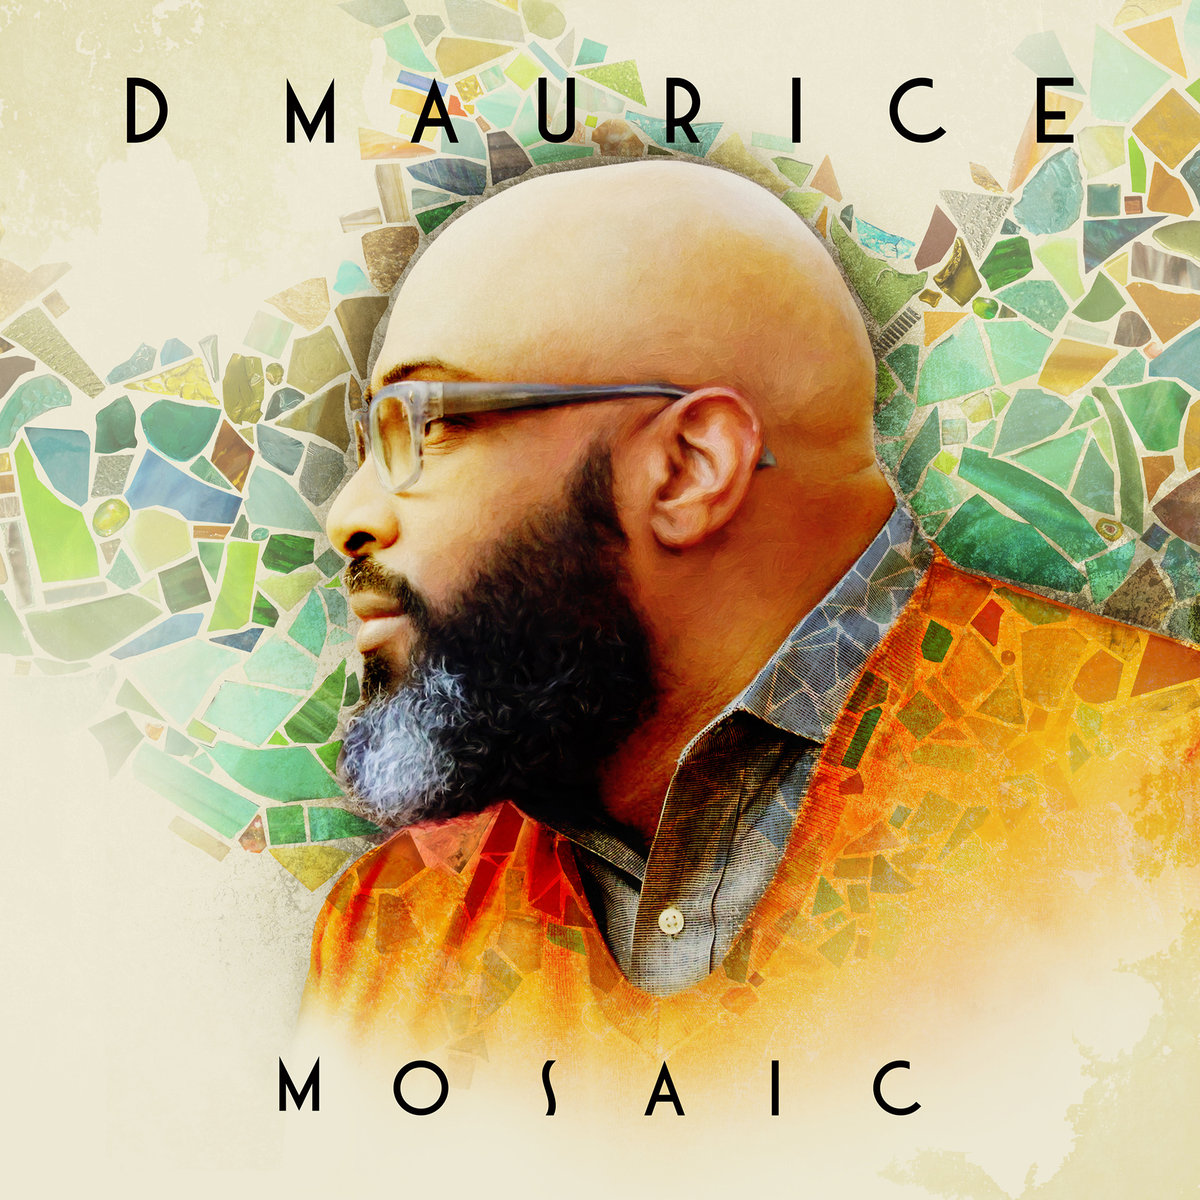 D Maurice